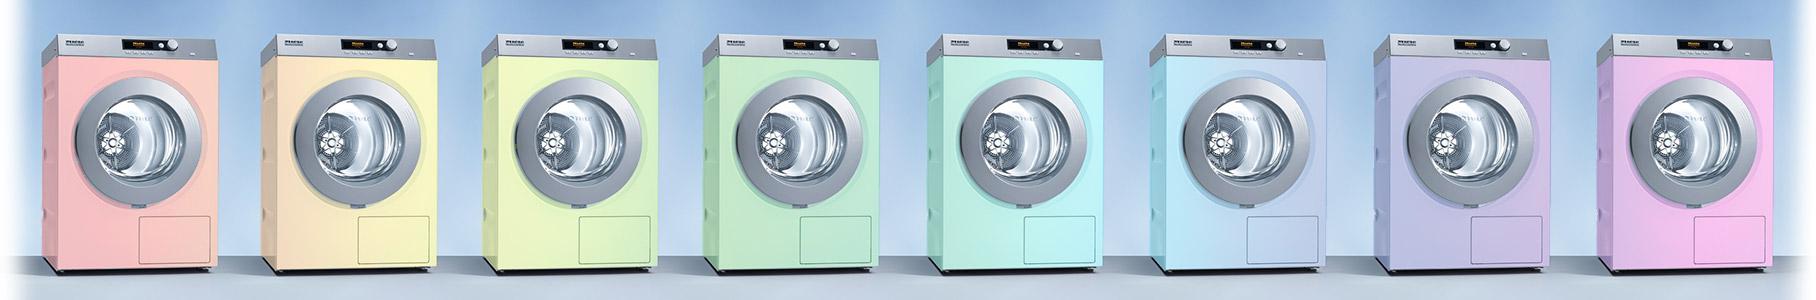 Farbige Waschmaschinen